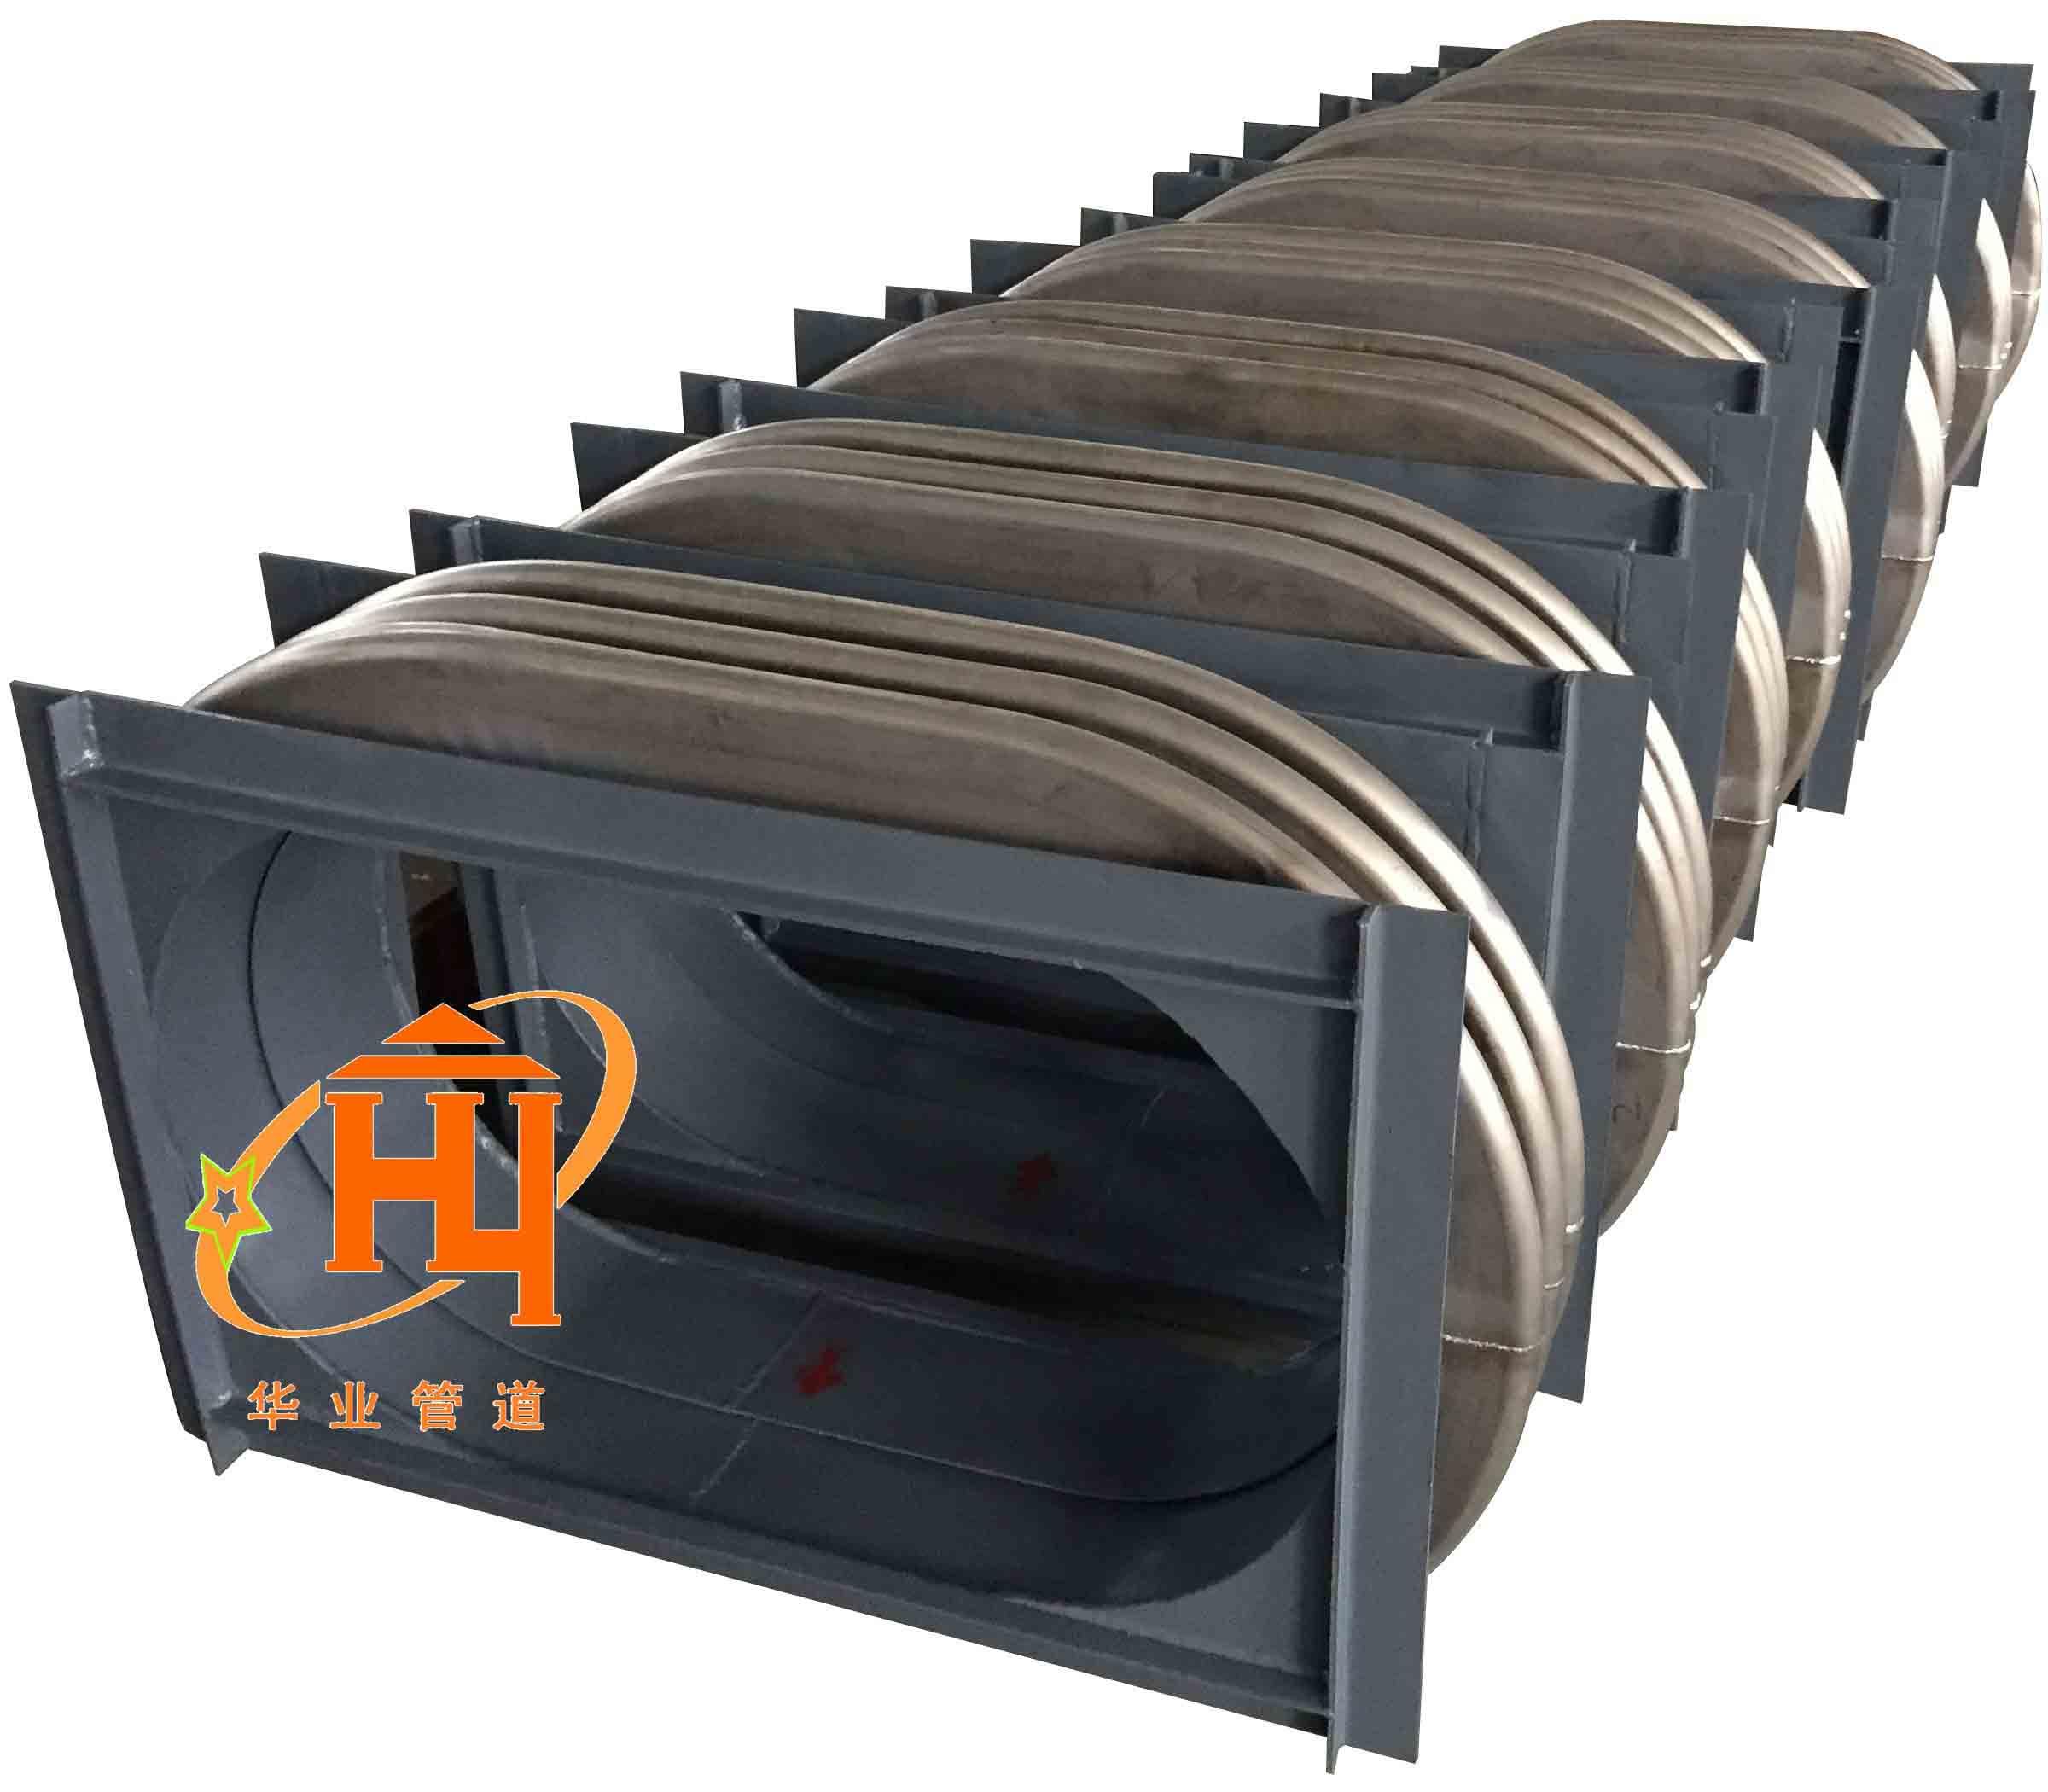 二次风总管补偿器-生产高温金属补偿器-出售高温金属补偿器